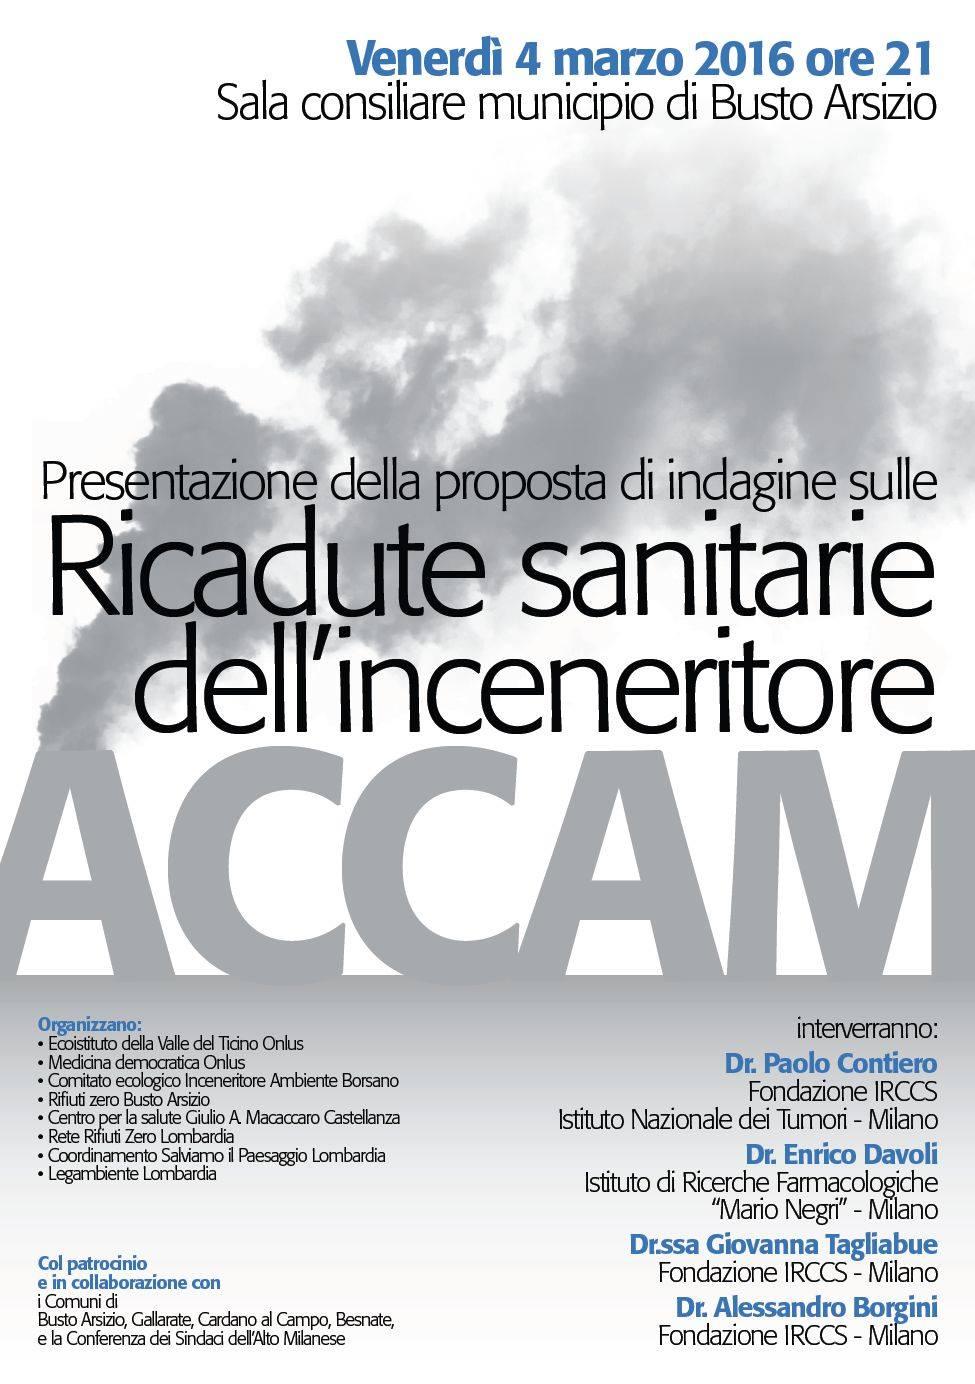 ACCAM_CONVEGNO_BUSTO_ECOISTITUTO_TUMORI